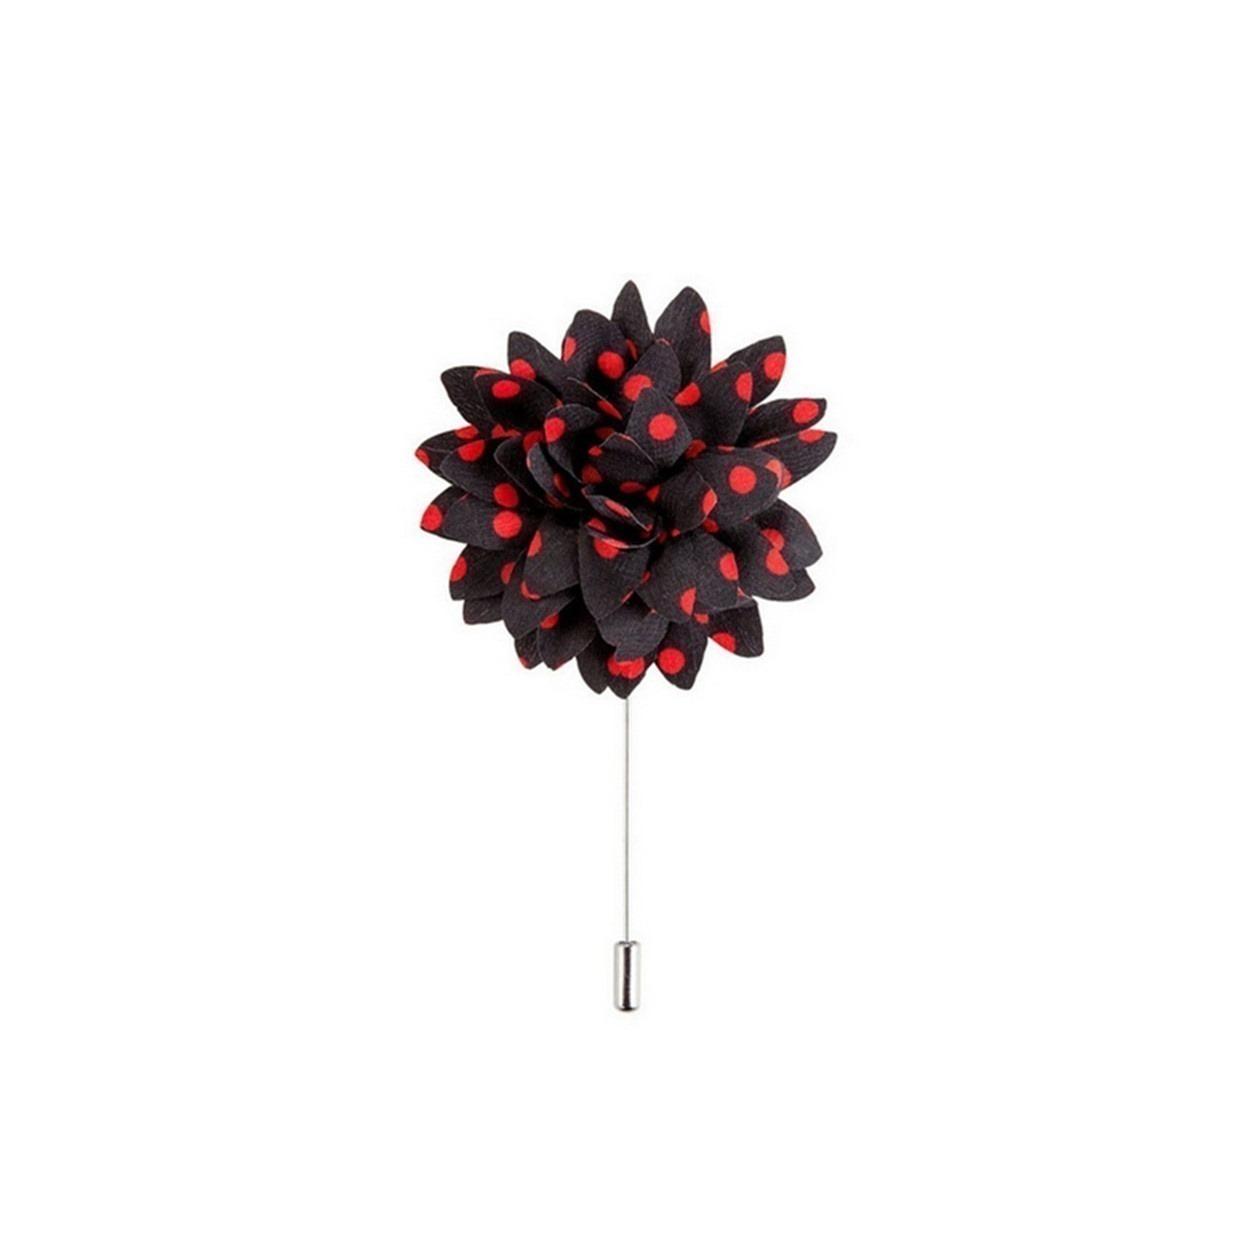 Černá květina s červenými puntíky do klopy